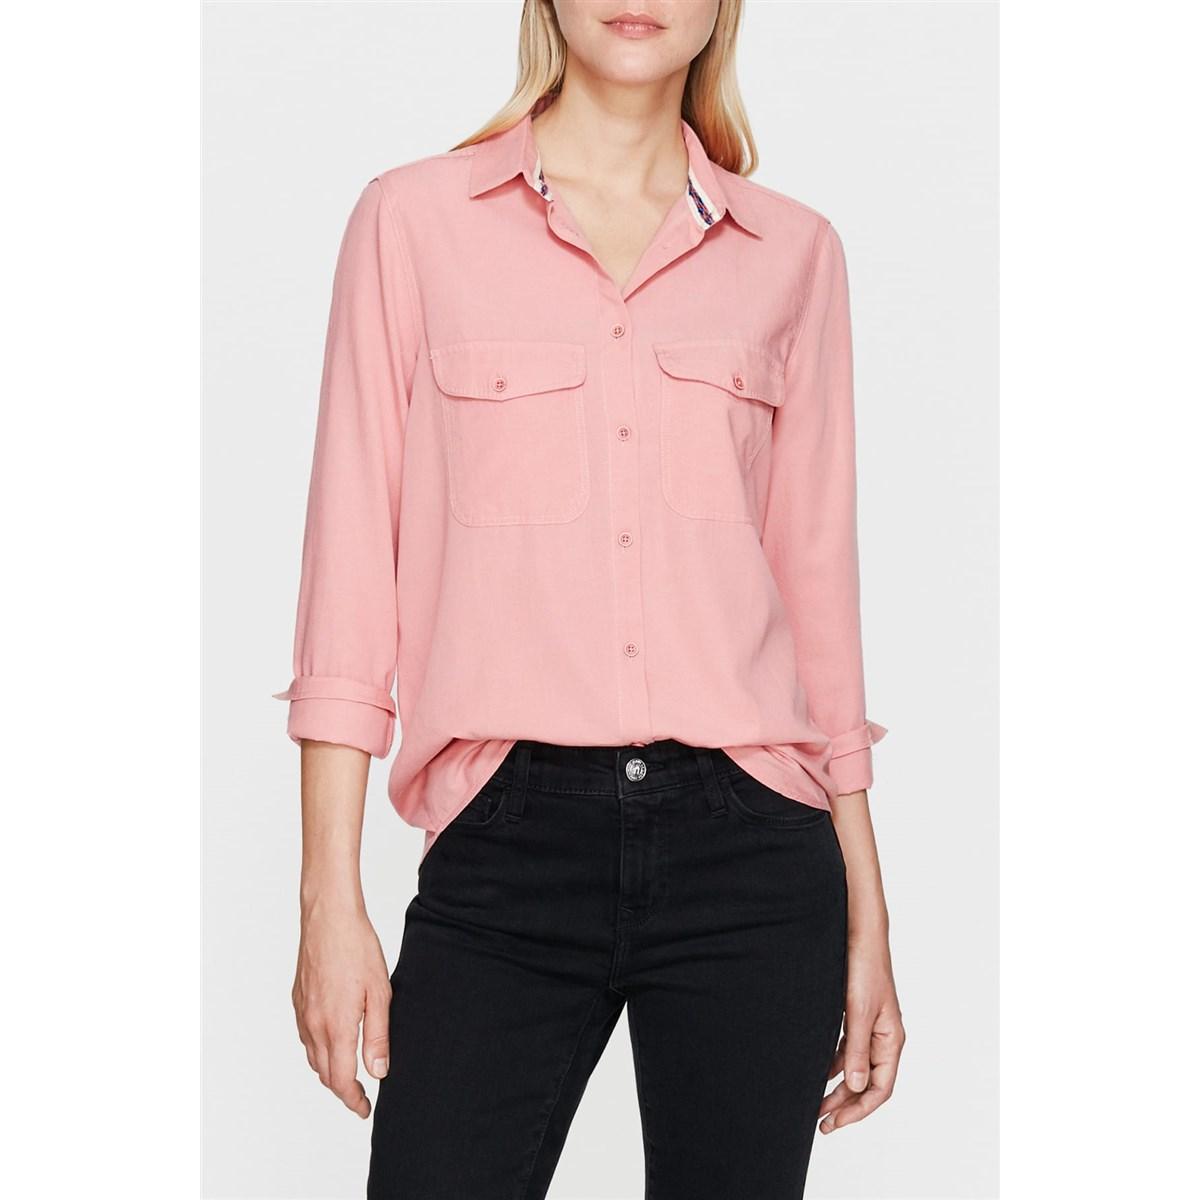 Kadın Cepli Soluk Pembe Gömlek